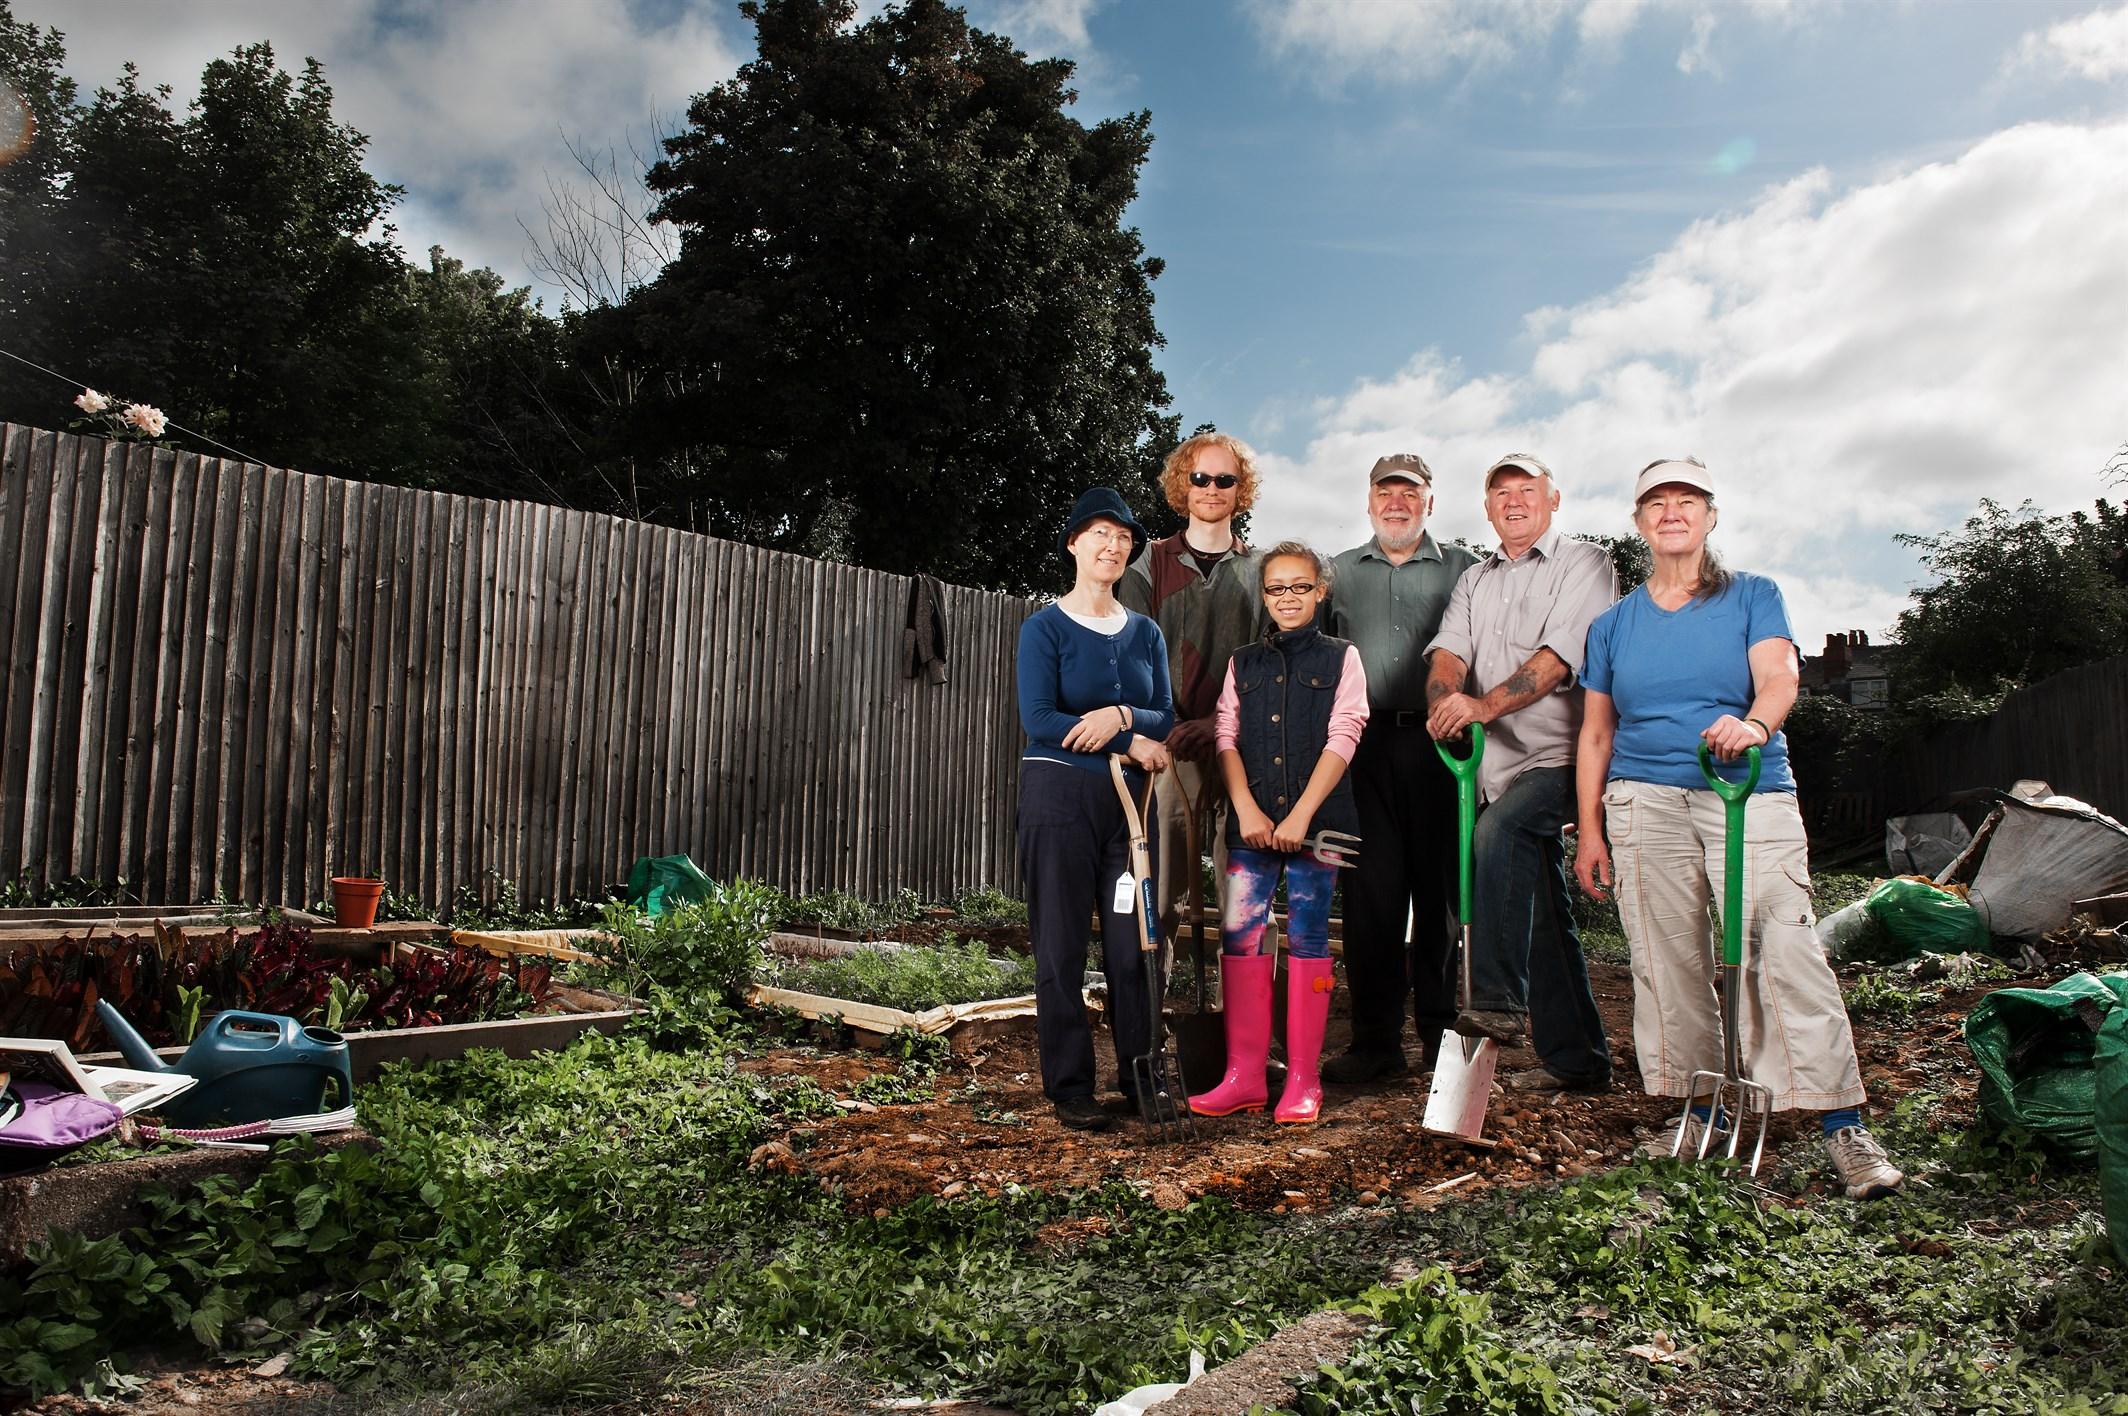 Friends through gardening